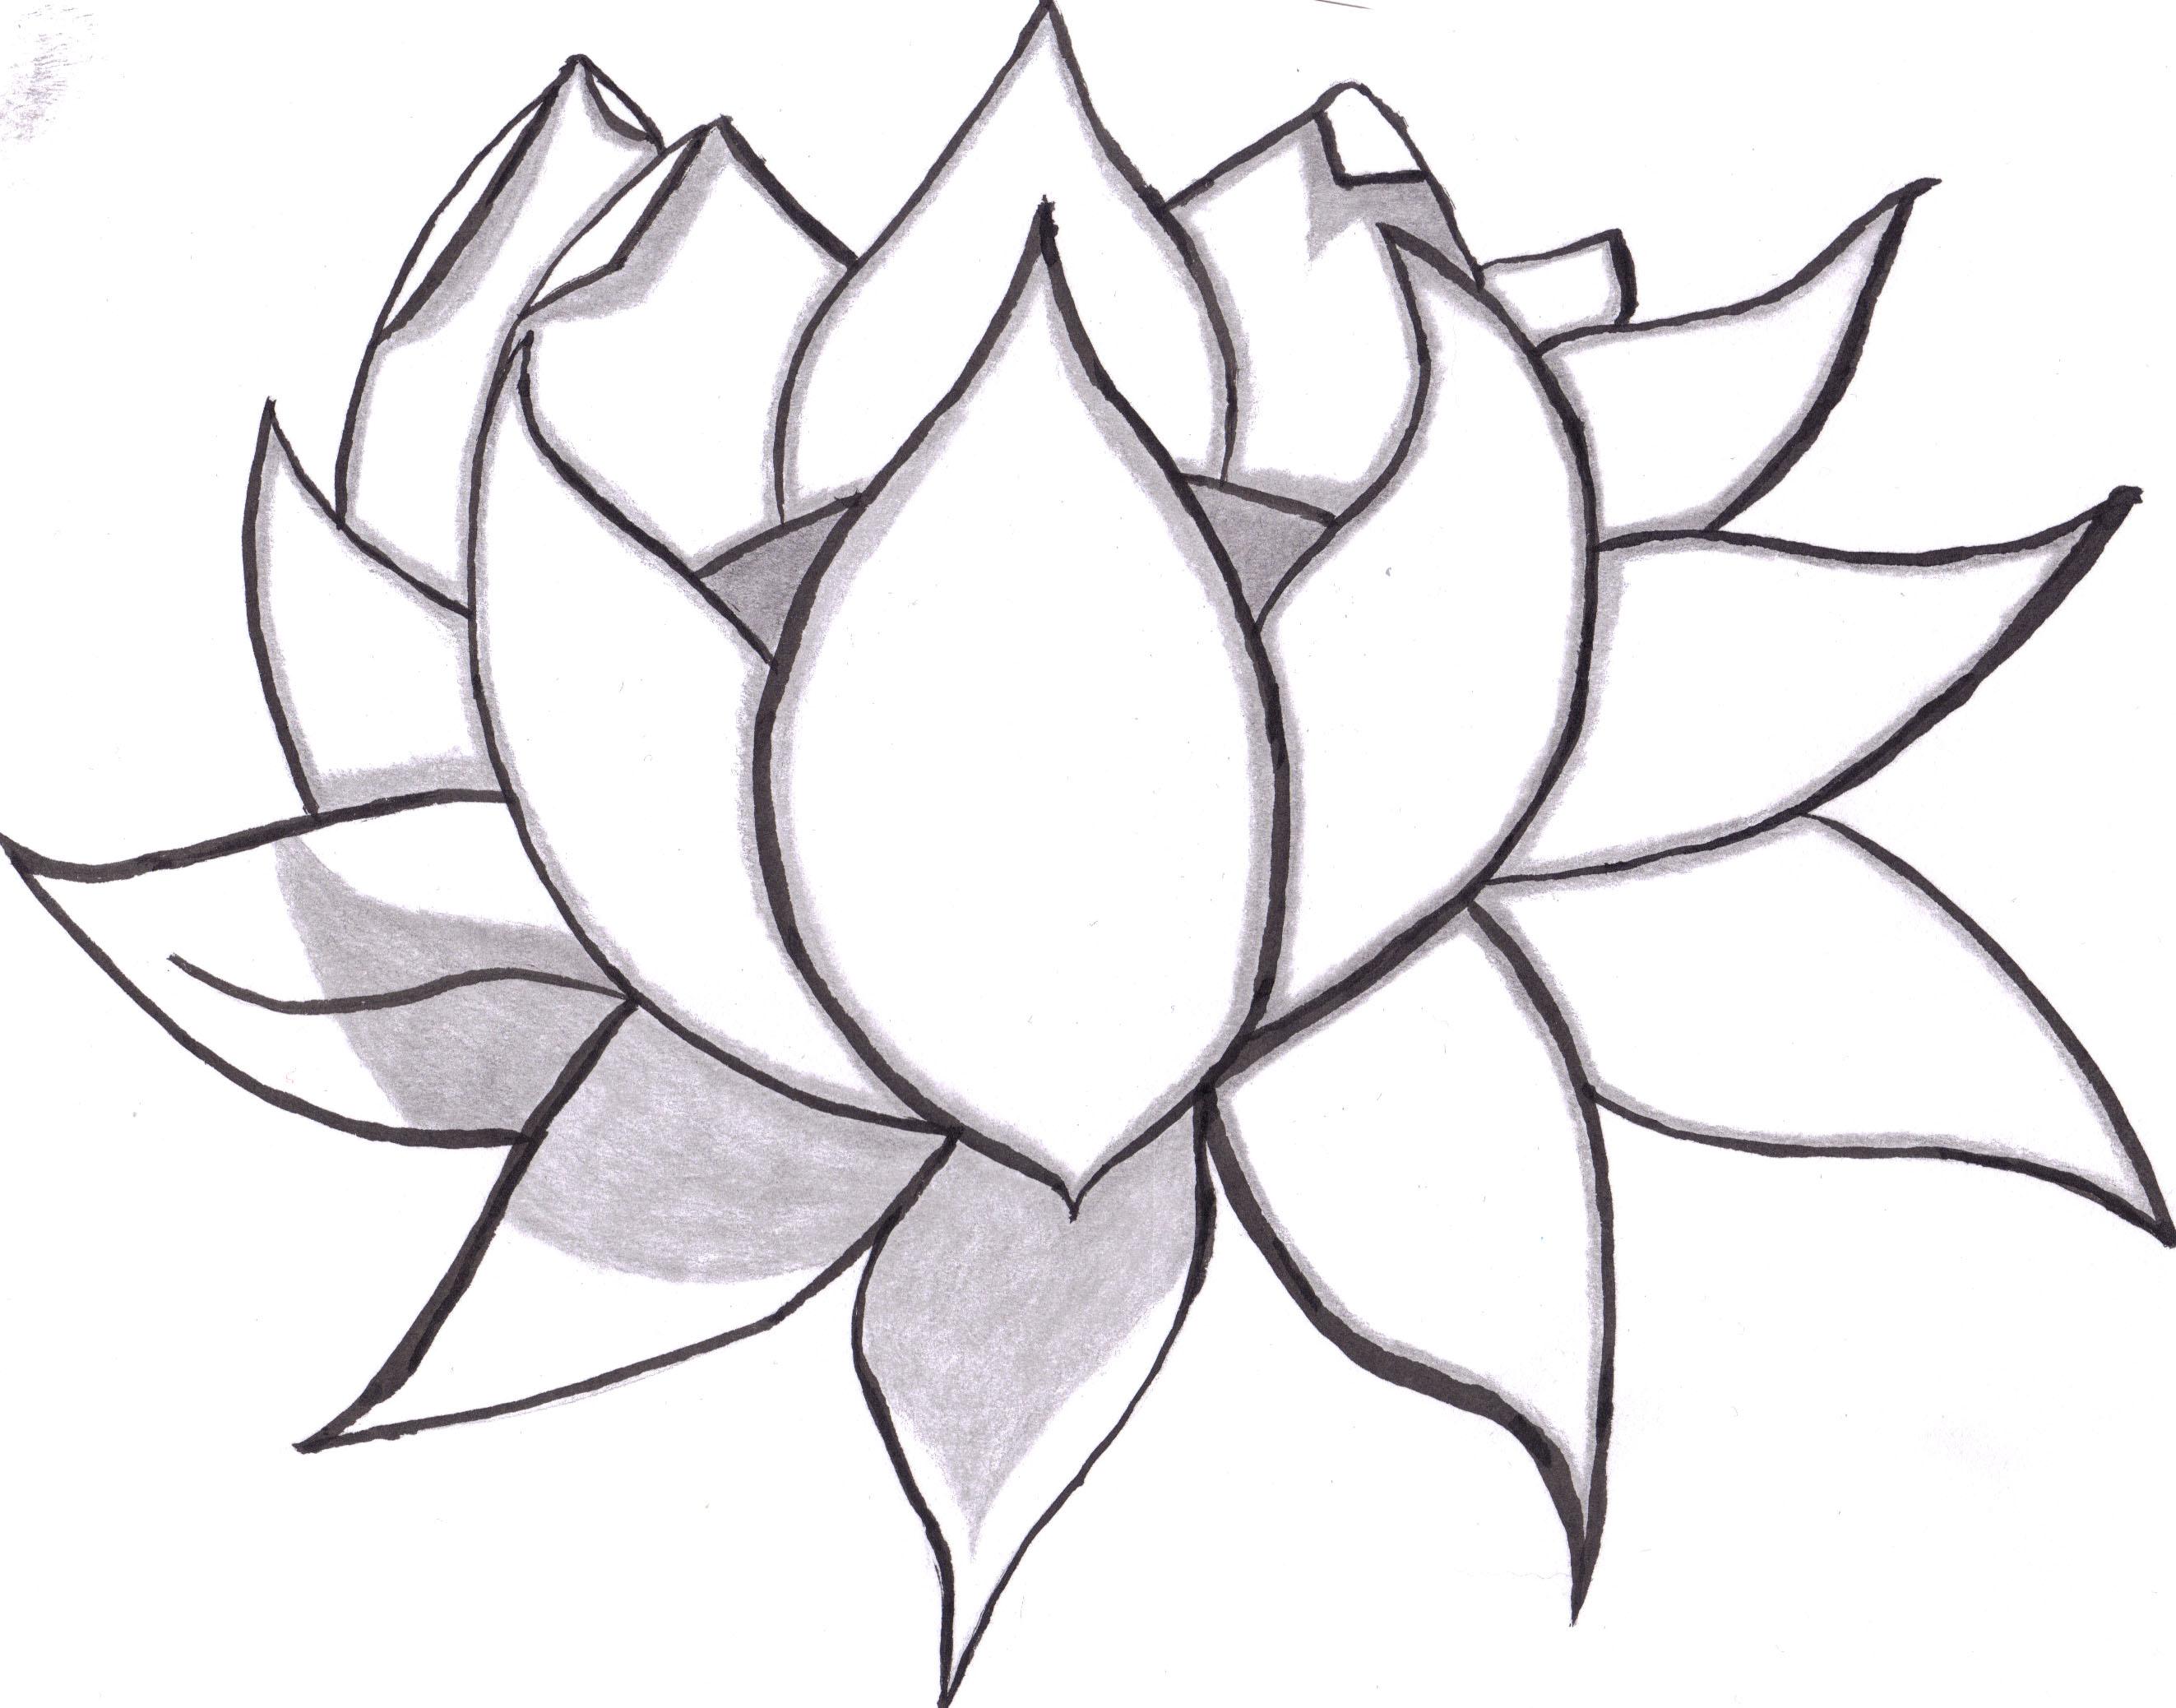 2646x2077 Lotus Flower Drawings In Pencil Pencil Sketch Of Lotus Flower